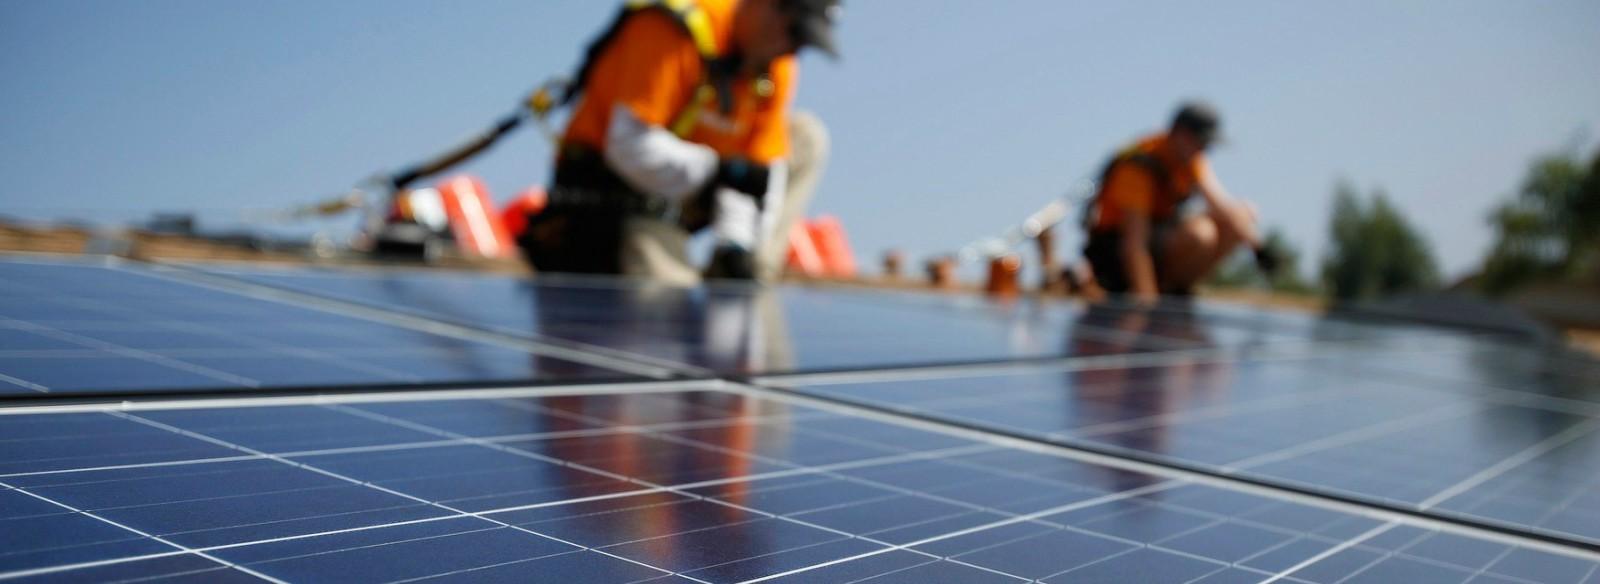 Instalación Paneles Solares Irapuato Guanajuato